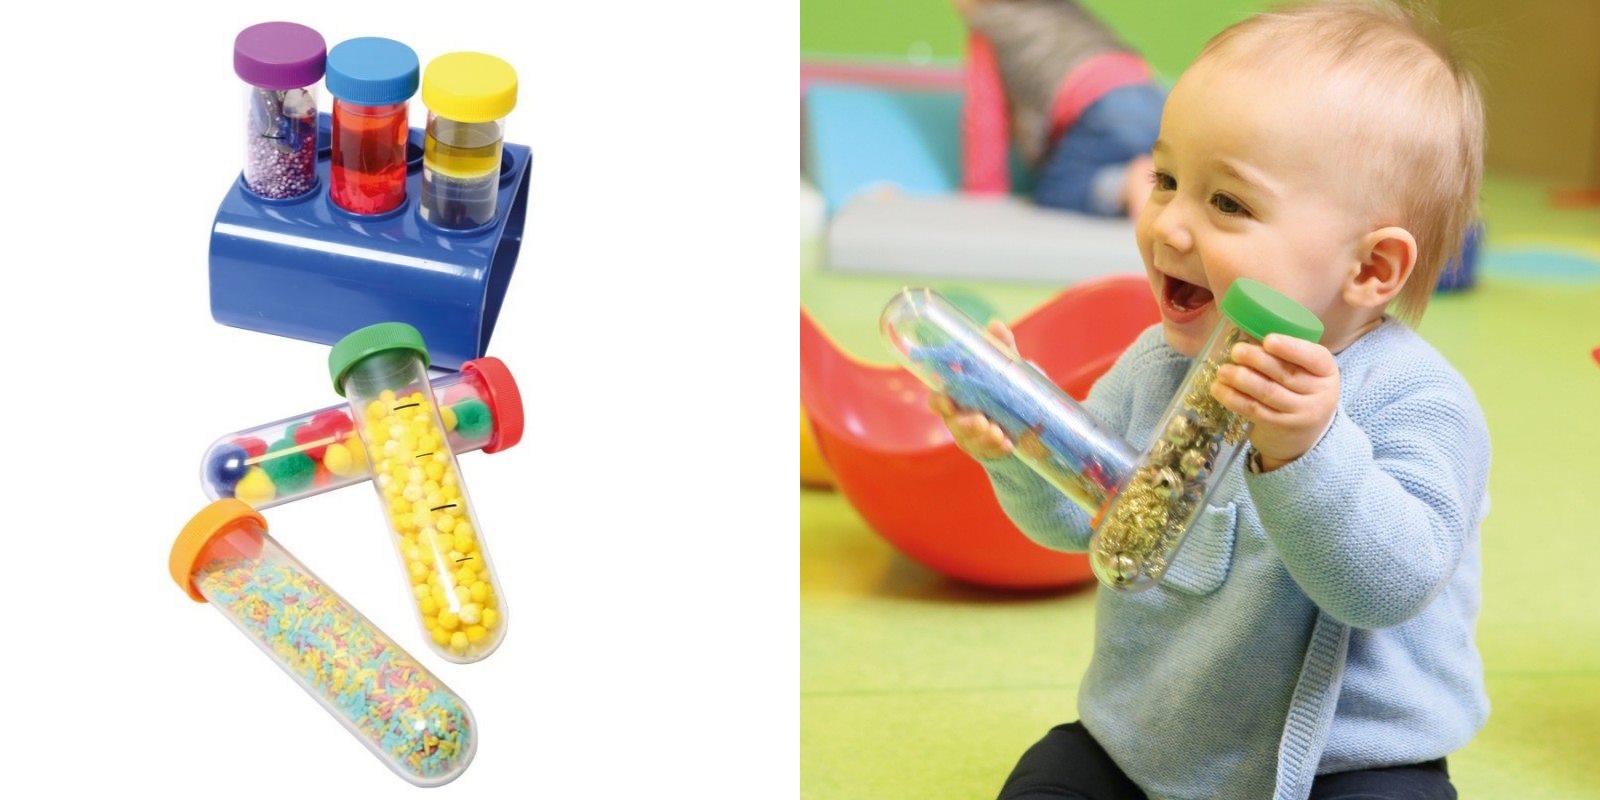 Les tubes sensoriels pour les tout-petits